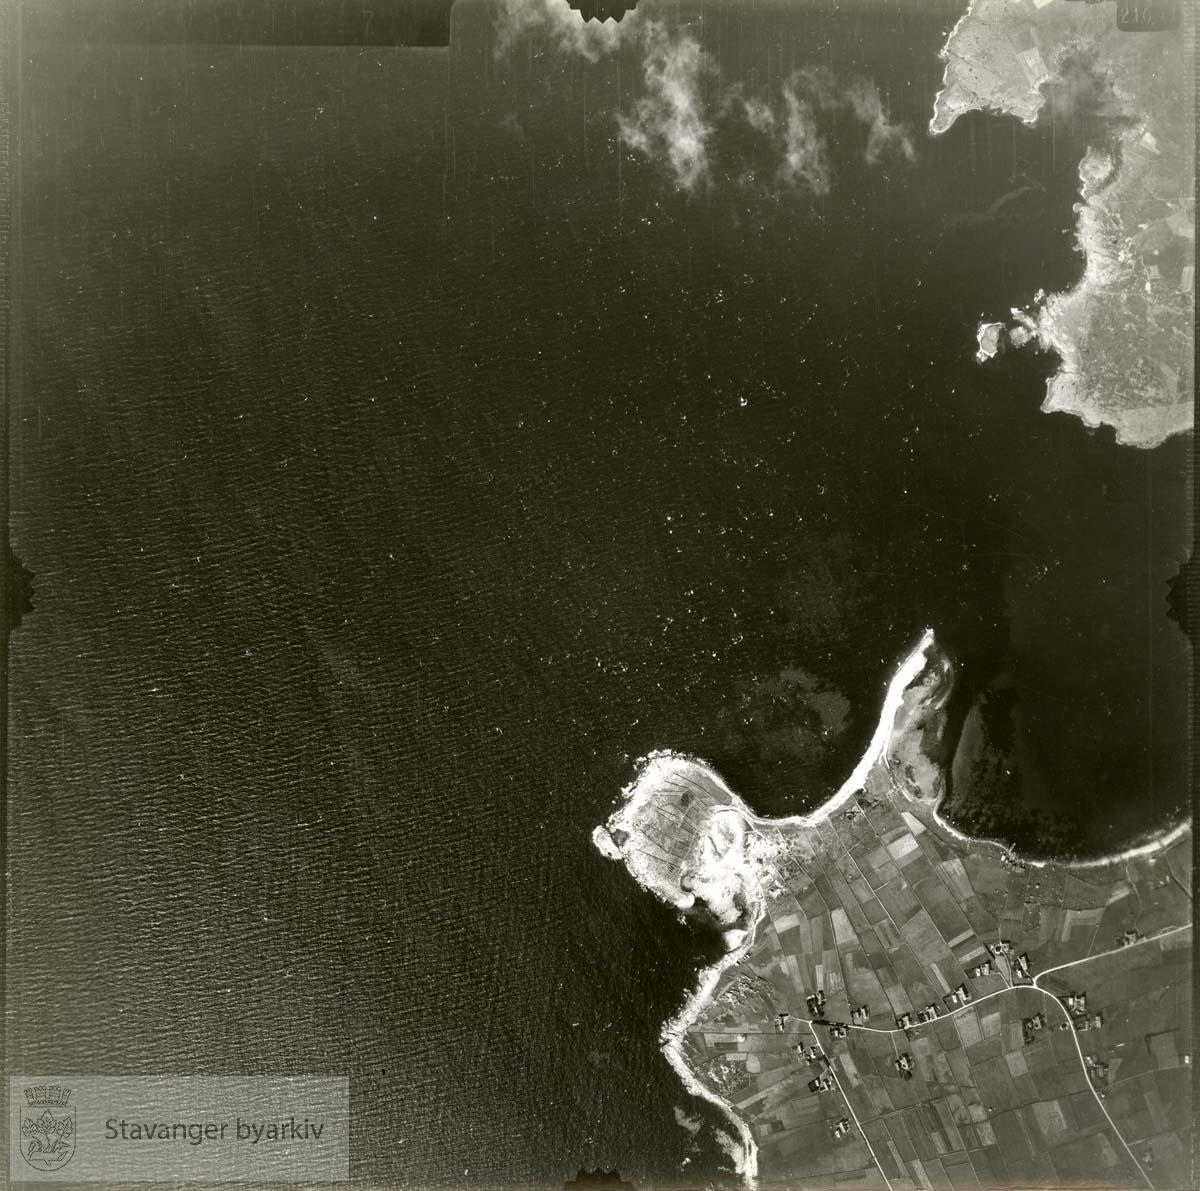 Jfr. kart/fotoplan A(III) 40/337..Sundet, Børaunen, Bøvika, Holmavika, Holmodden..Se ByStW_Uca_002 (kan lastes ned under fanen for kart på Stavangerbilder)